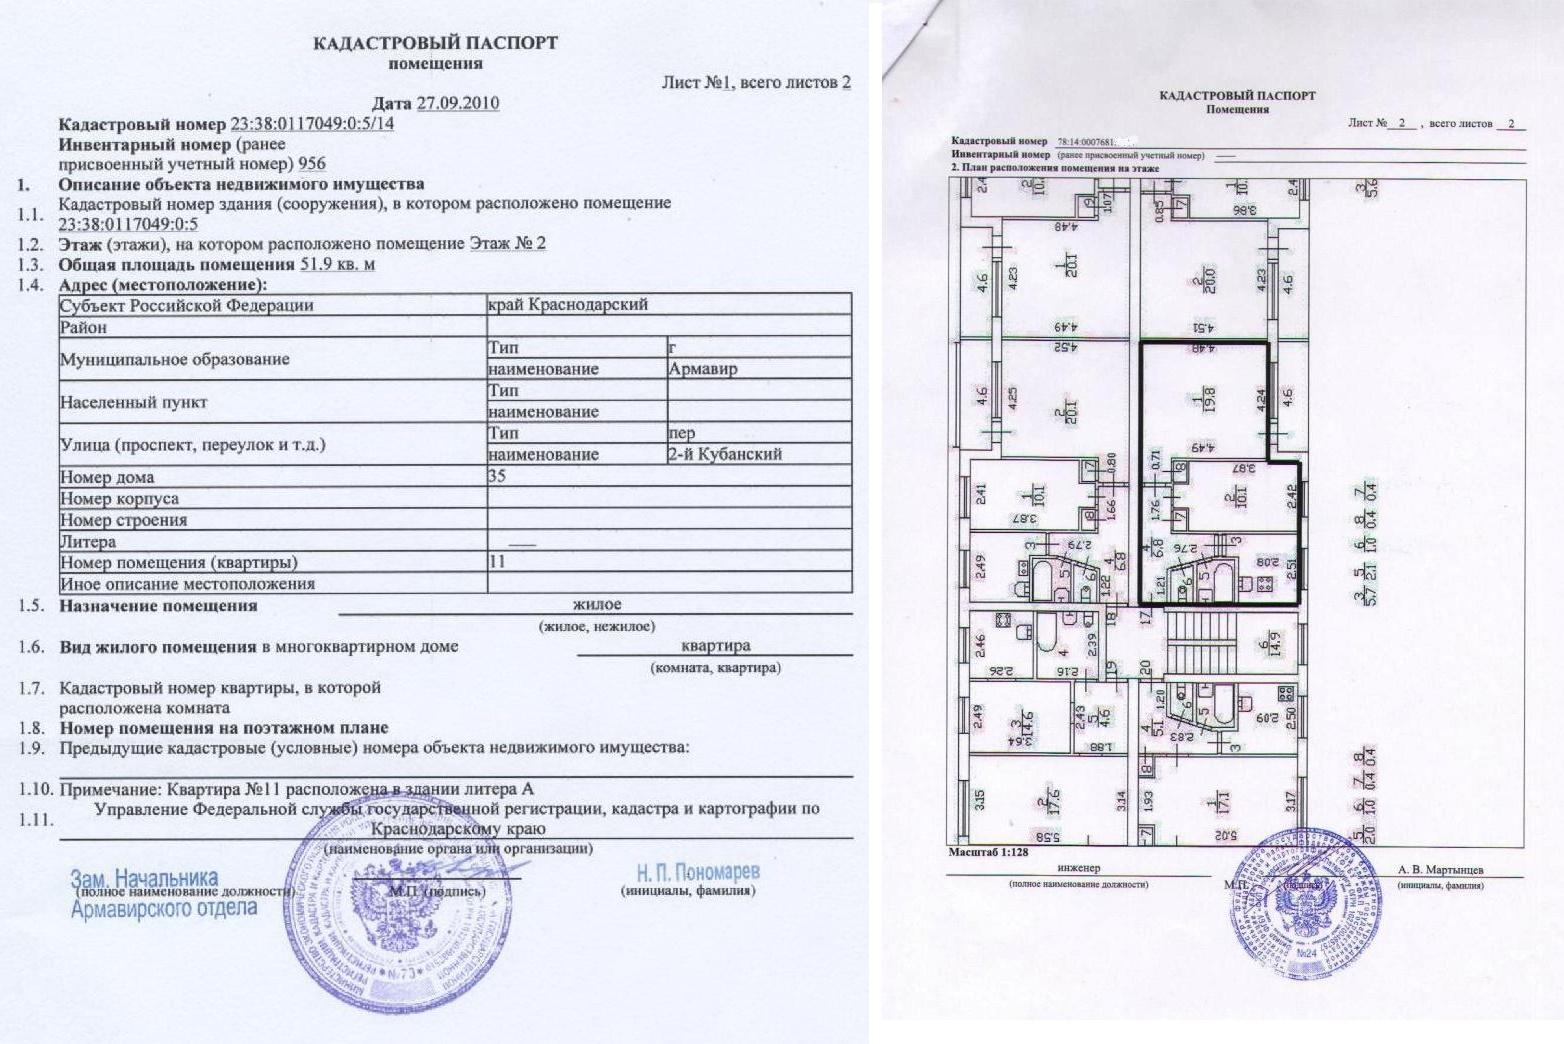 кадастровый паспорт жилого помещения где получить